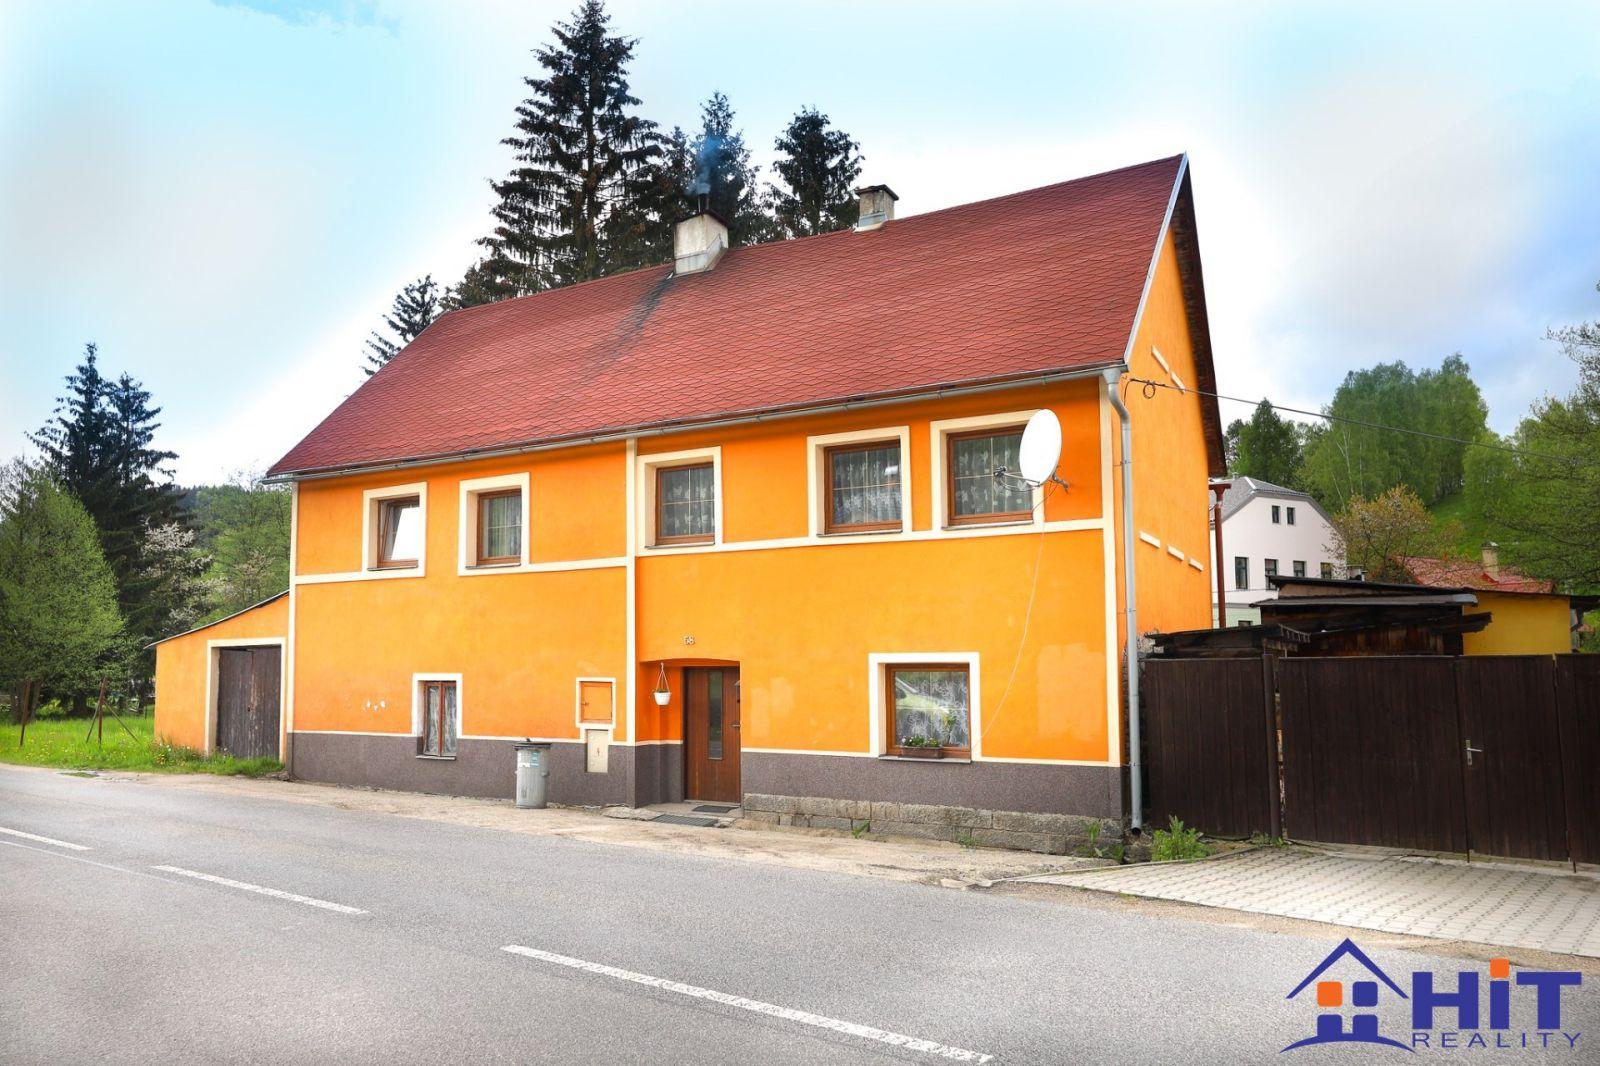 Prodej, Rodinné domy, 190 m2 - Loučná, Jablonec nad Nisou